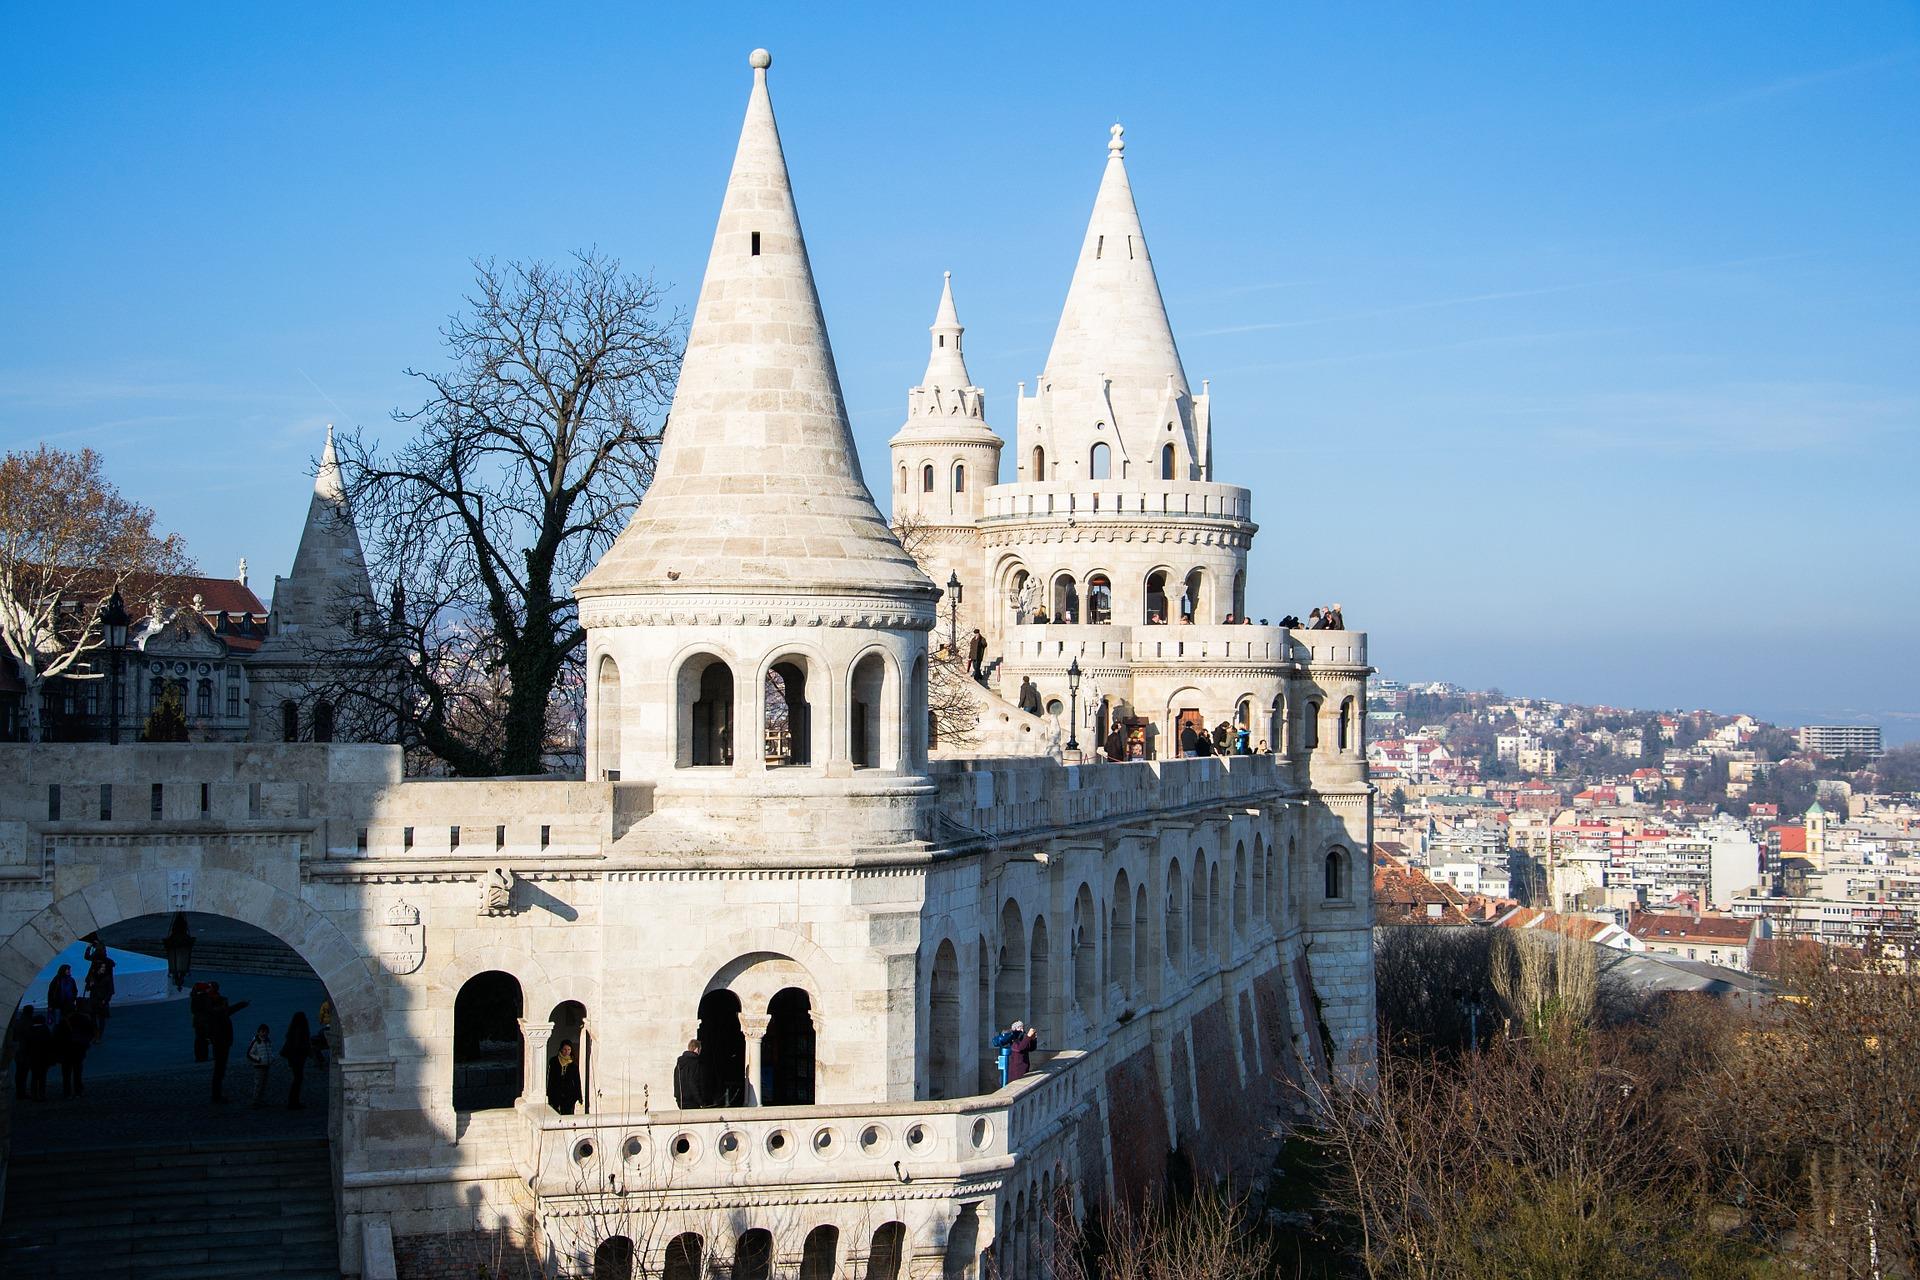 סיורים מודרכים בבודפשט